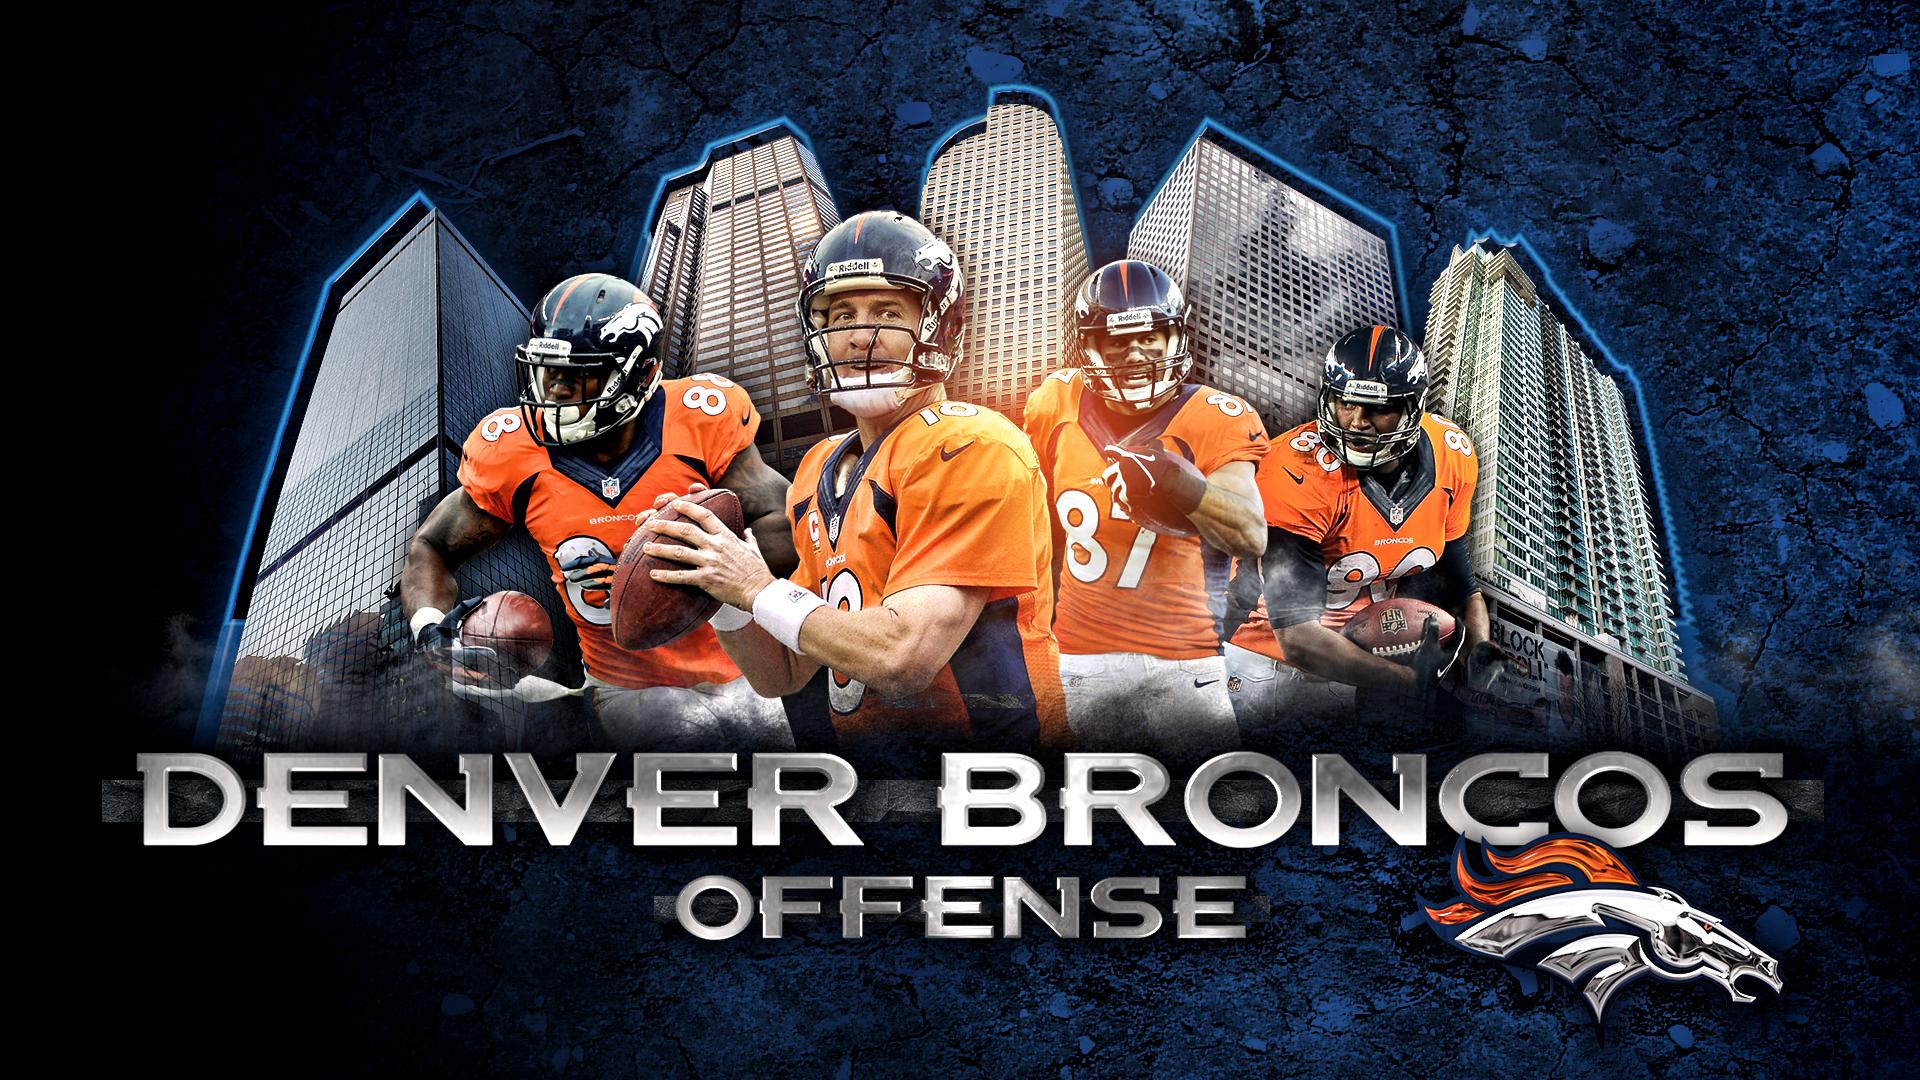 peyton manning broncos wallpaper.  Manning Denver Broncos Offense By DenverSportsWalls  Intended Peyton Manning Wallpaper I